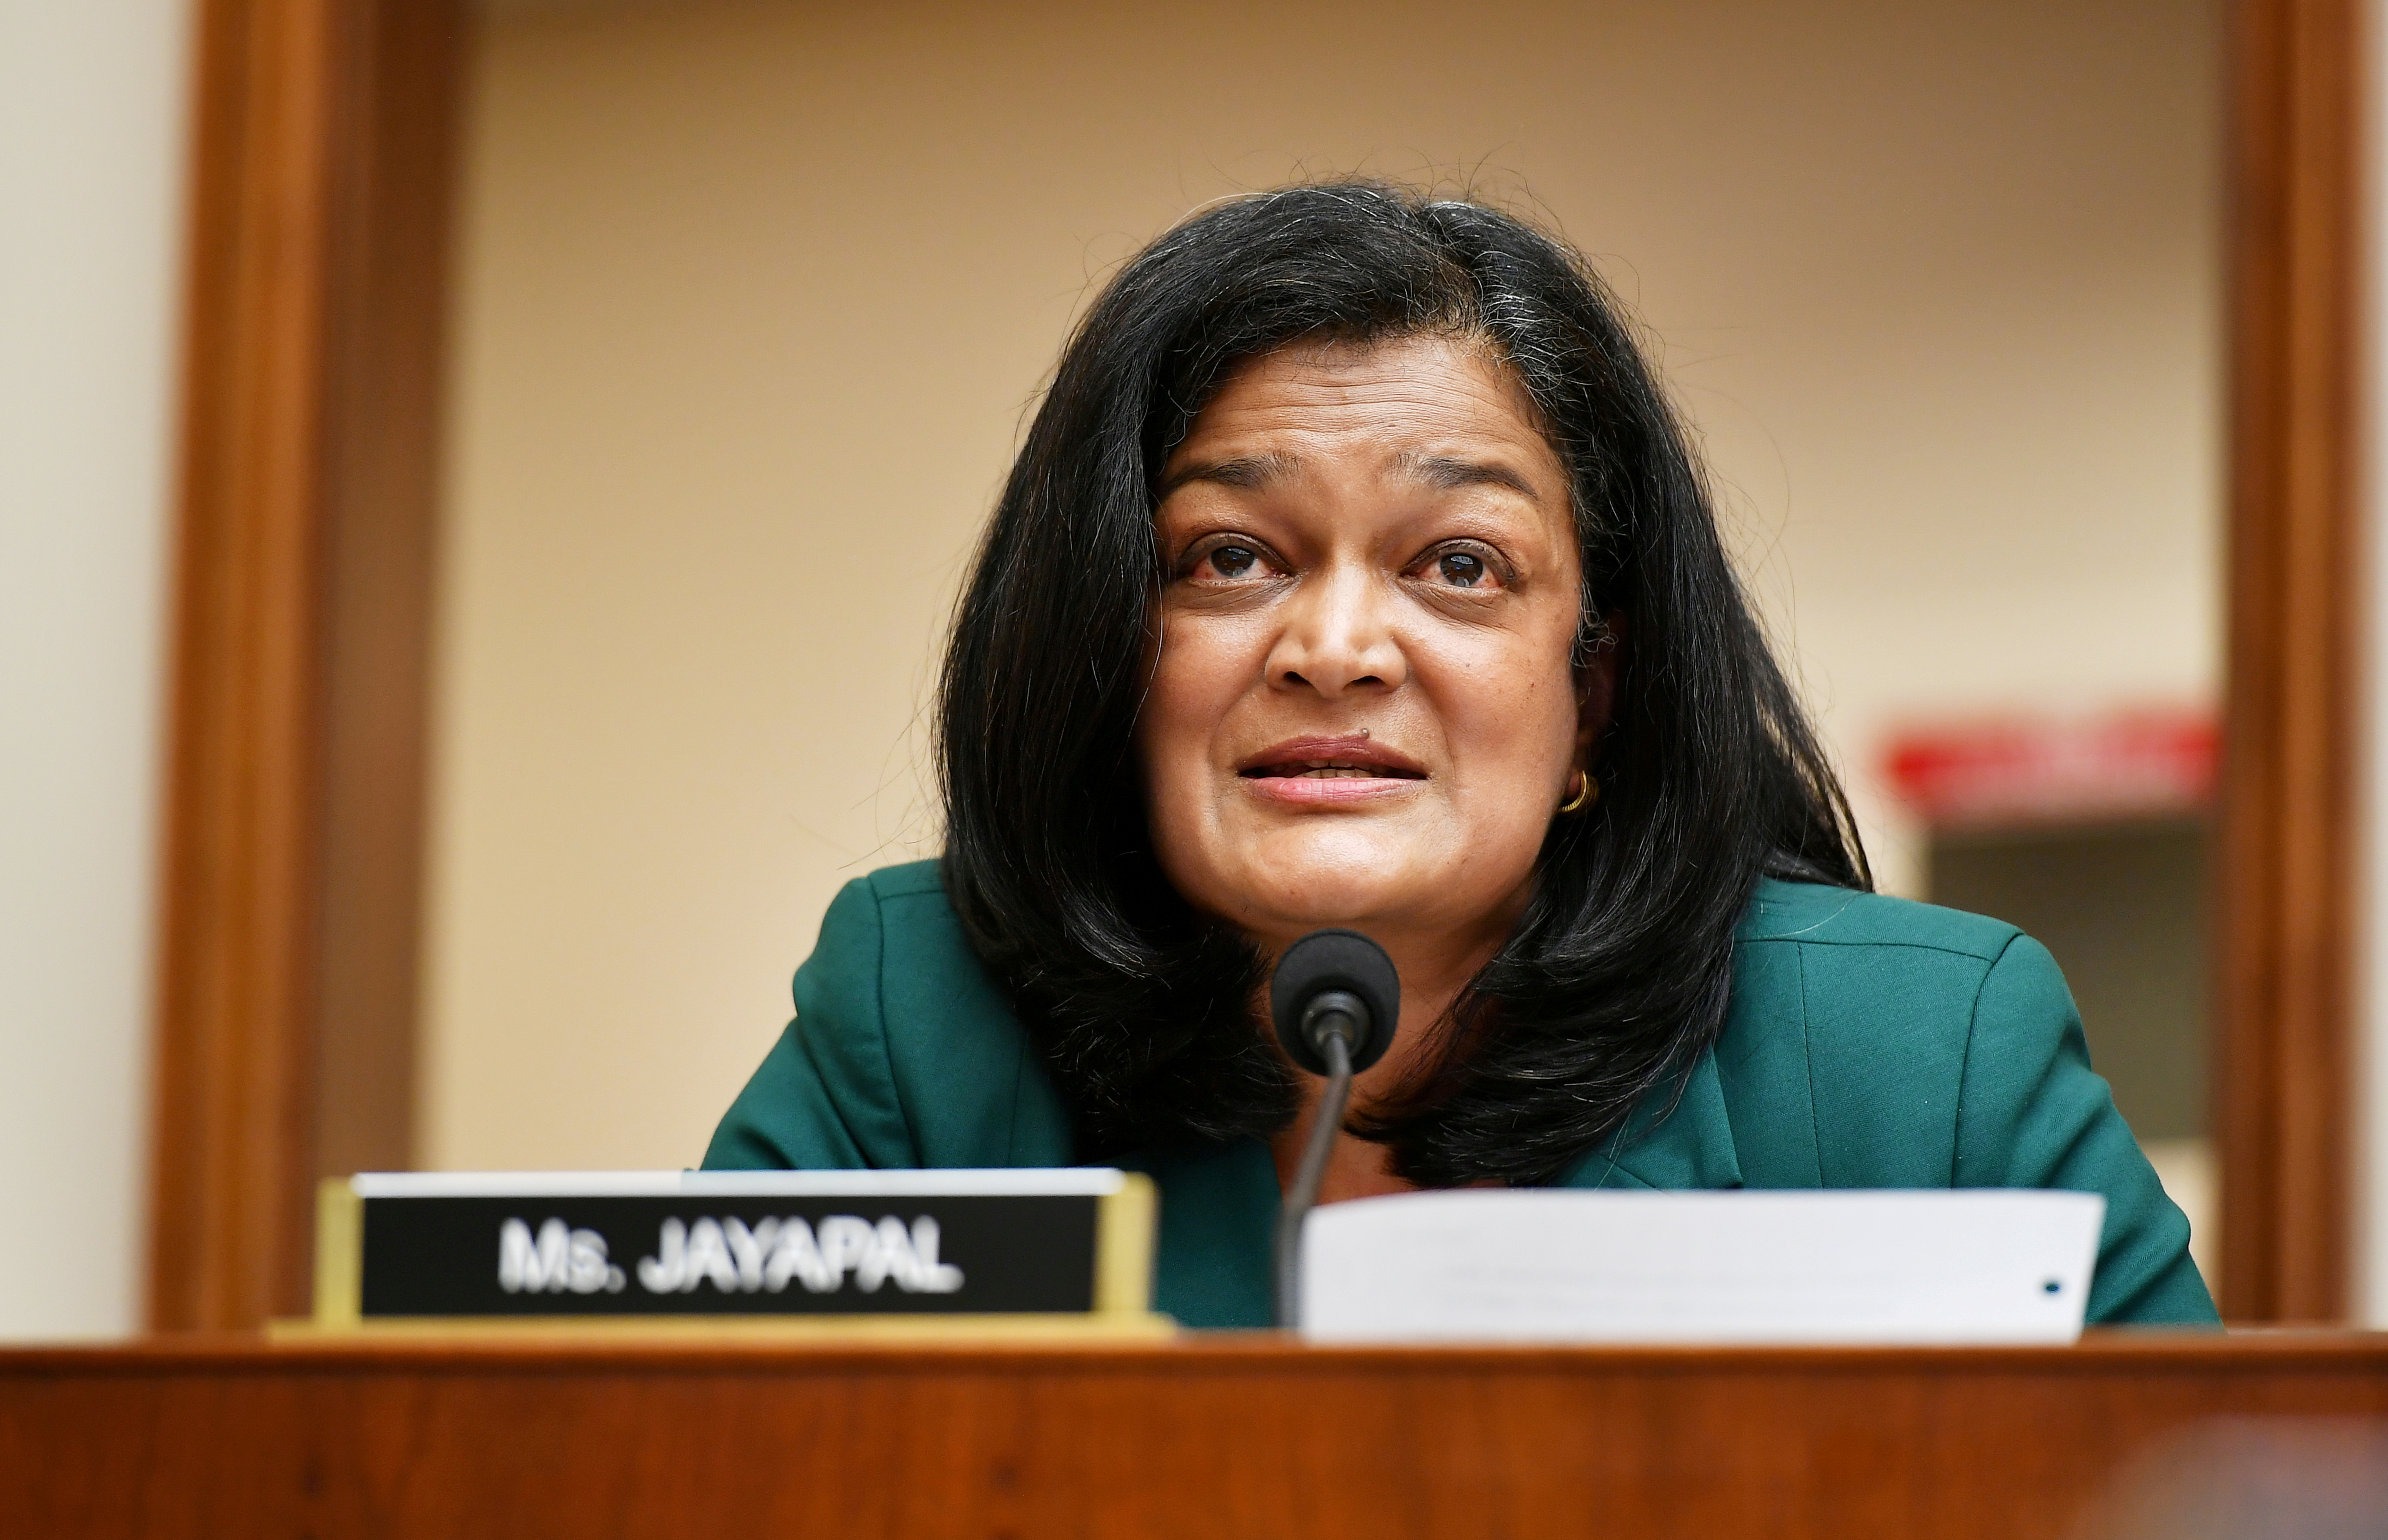 Rep. Pramila Jayapal, (D-WA), speaks during a hearing in Washington, July 29, 2020. Mandel Ngan/Pool via REUTERS